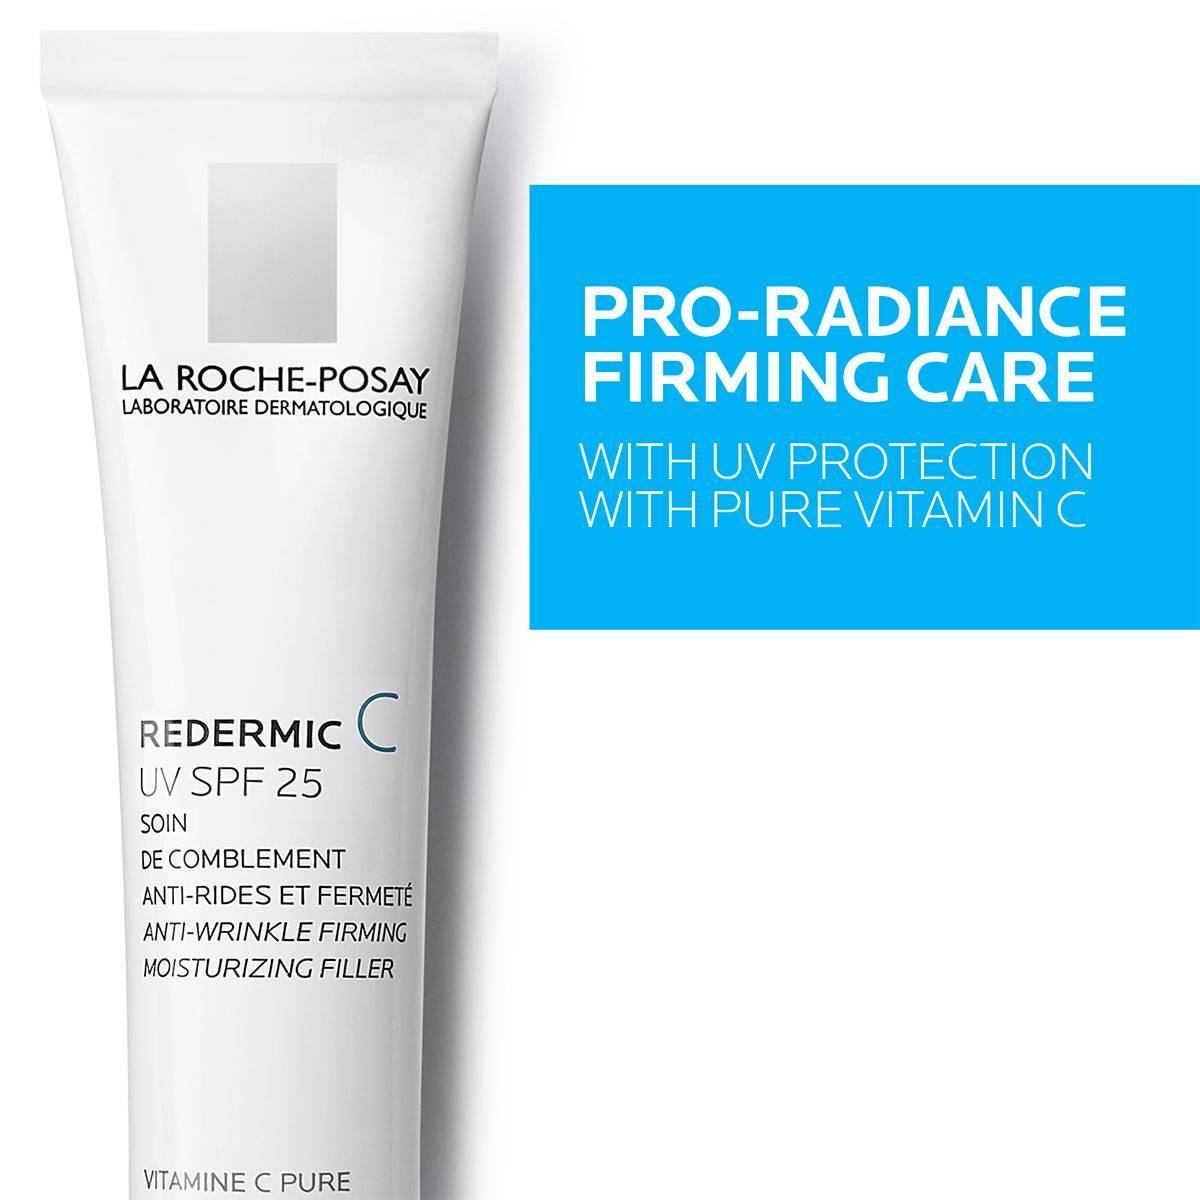 Posay przeciwzmarszczkowy UV witamina C | La Roche Posay